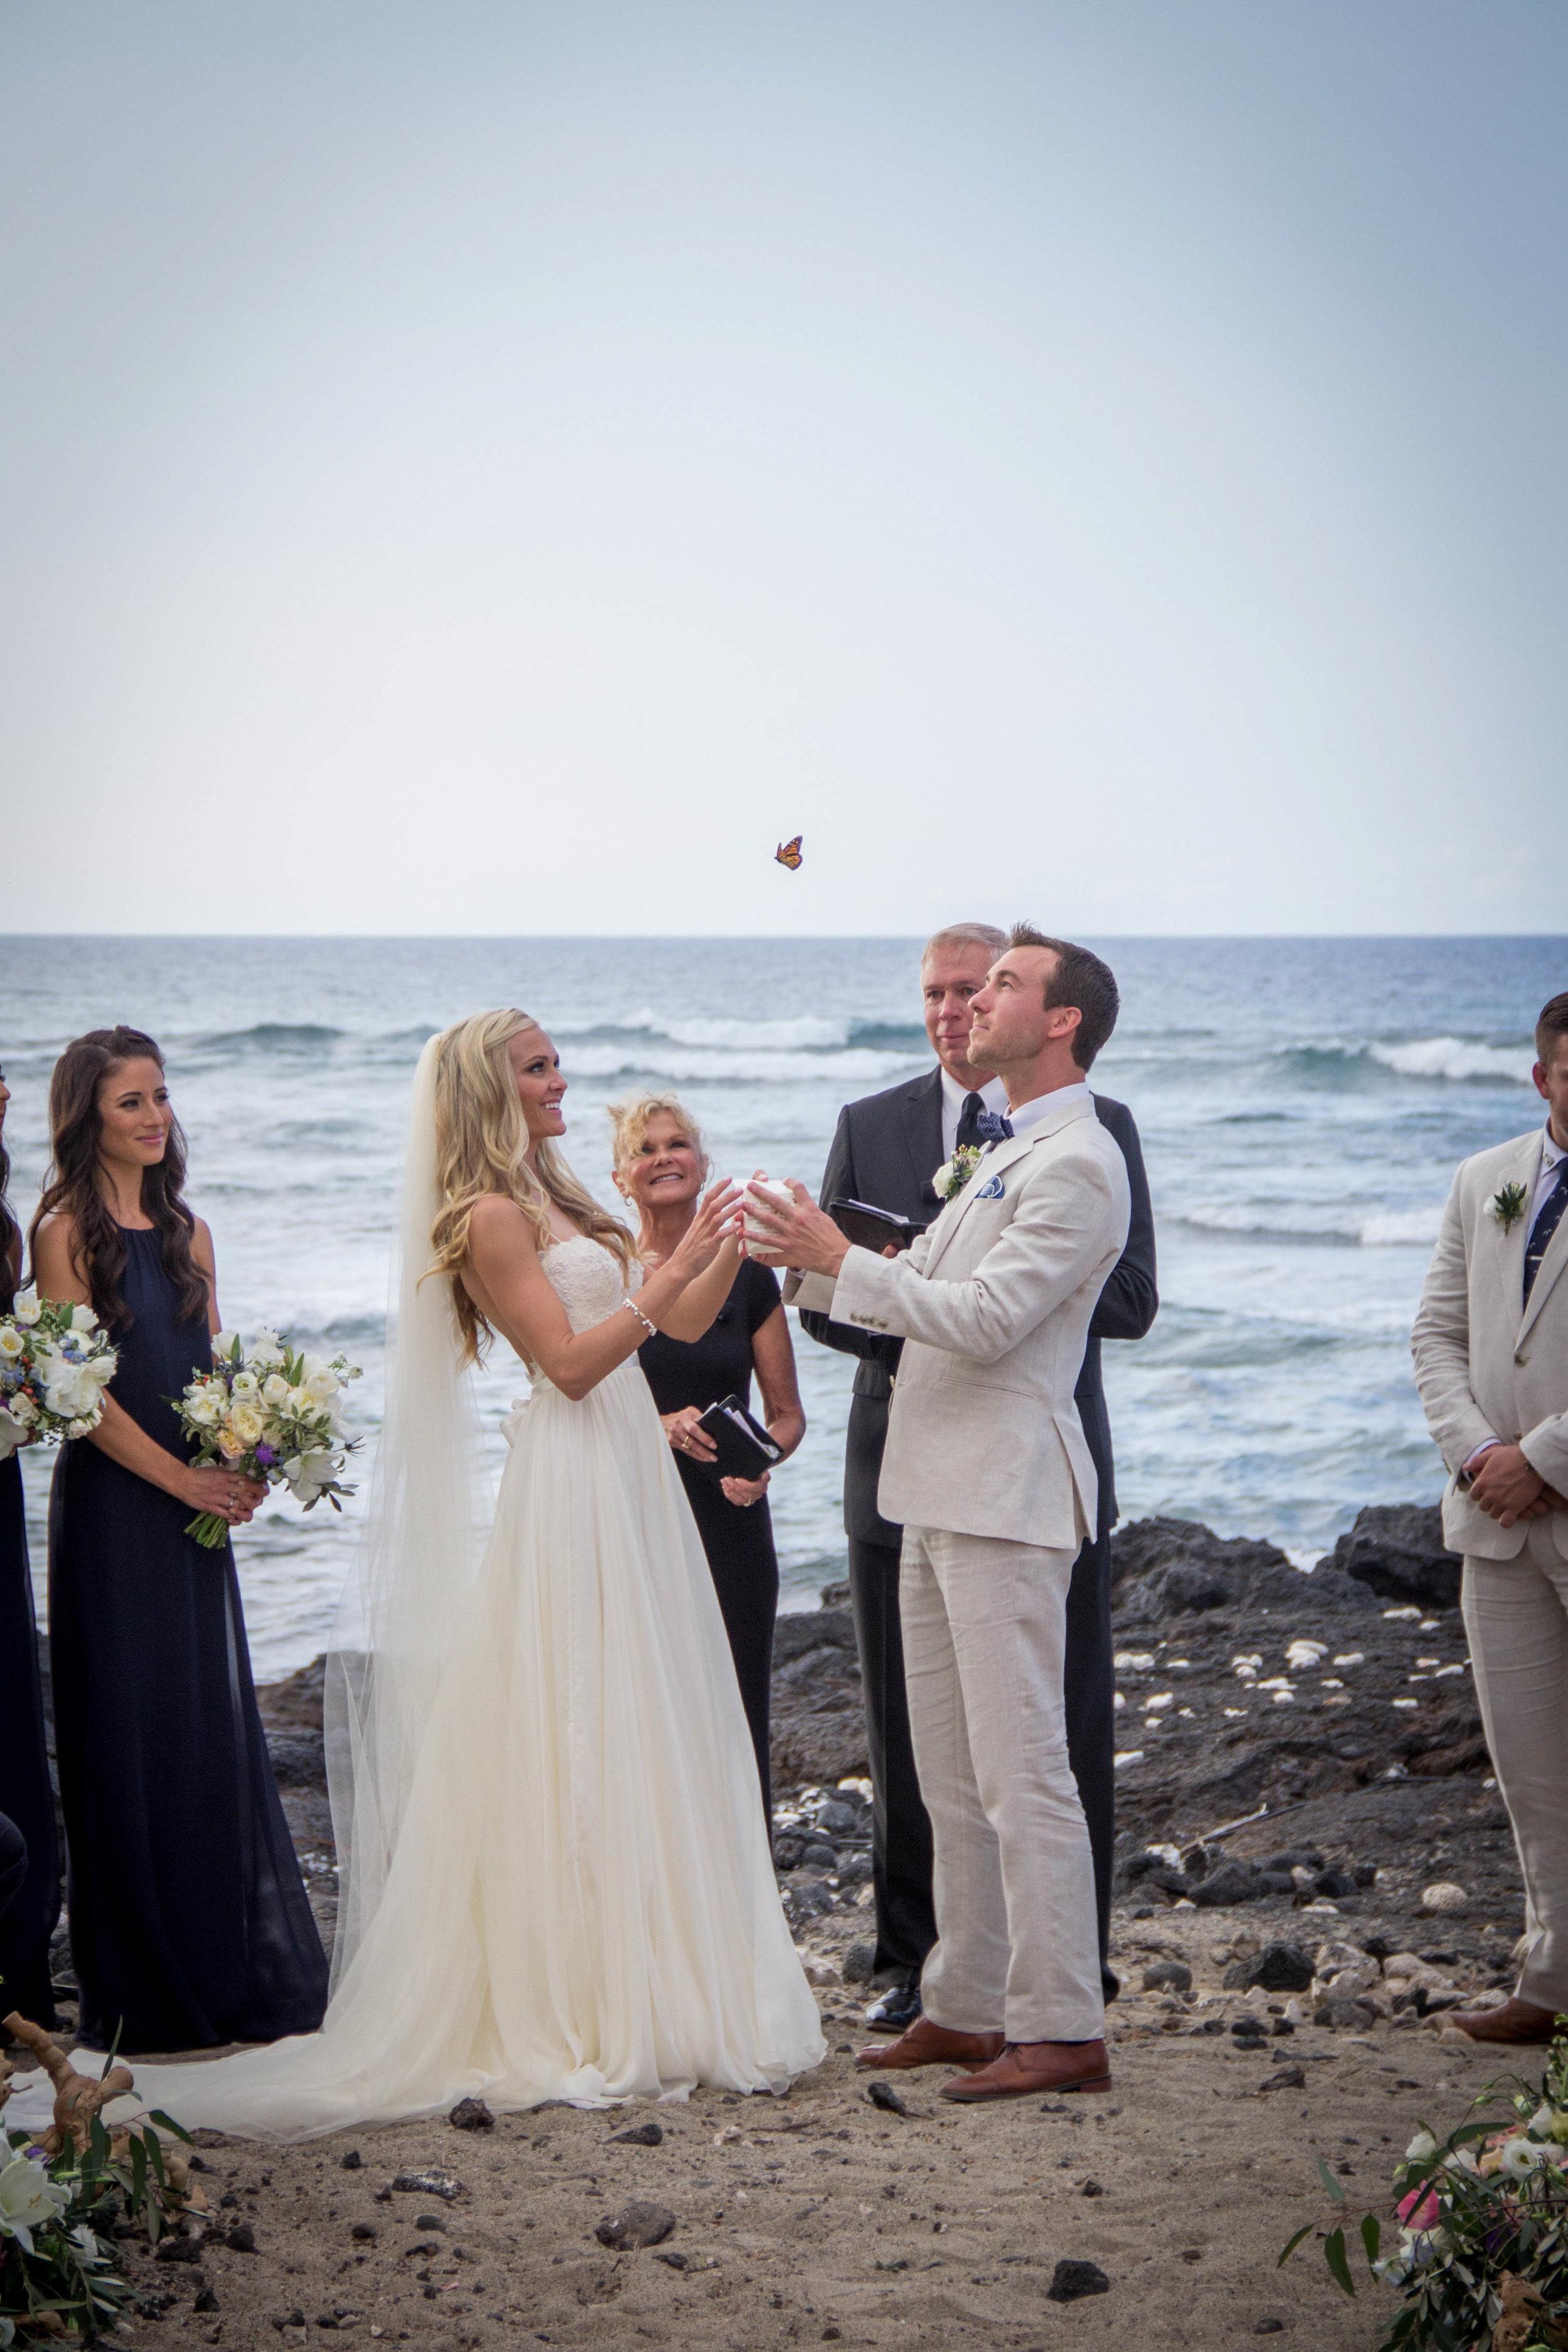 big island hawaii mauna lani resort wedding © kelilina photography 20160131162053-1.jpg